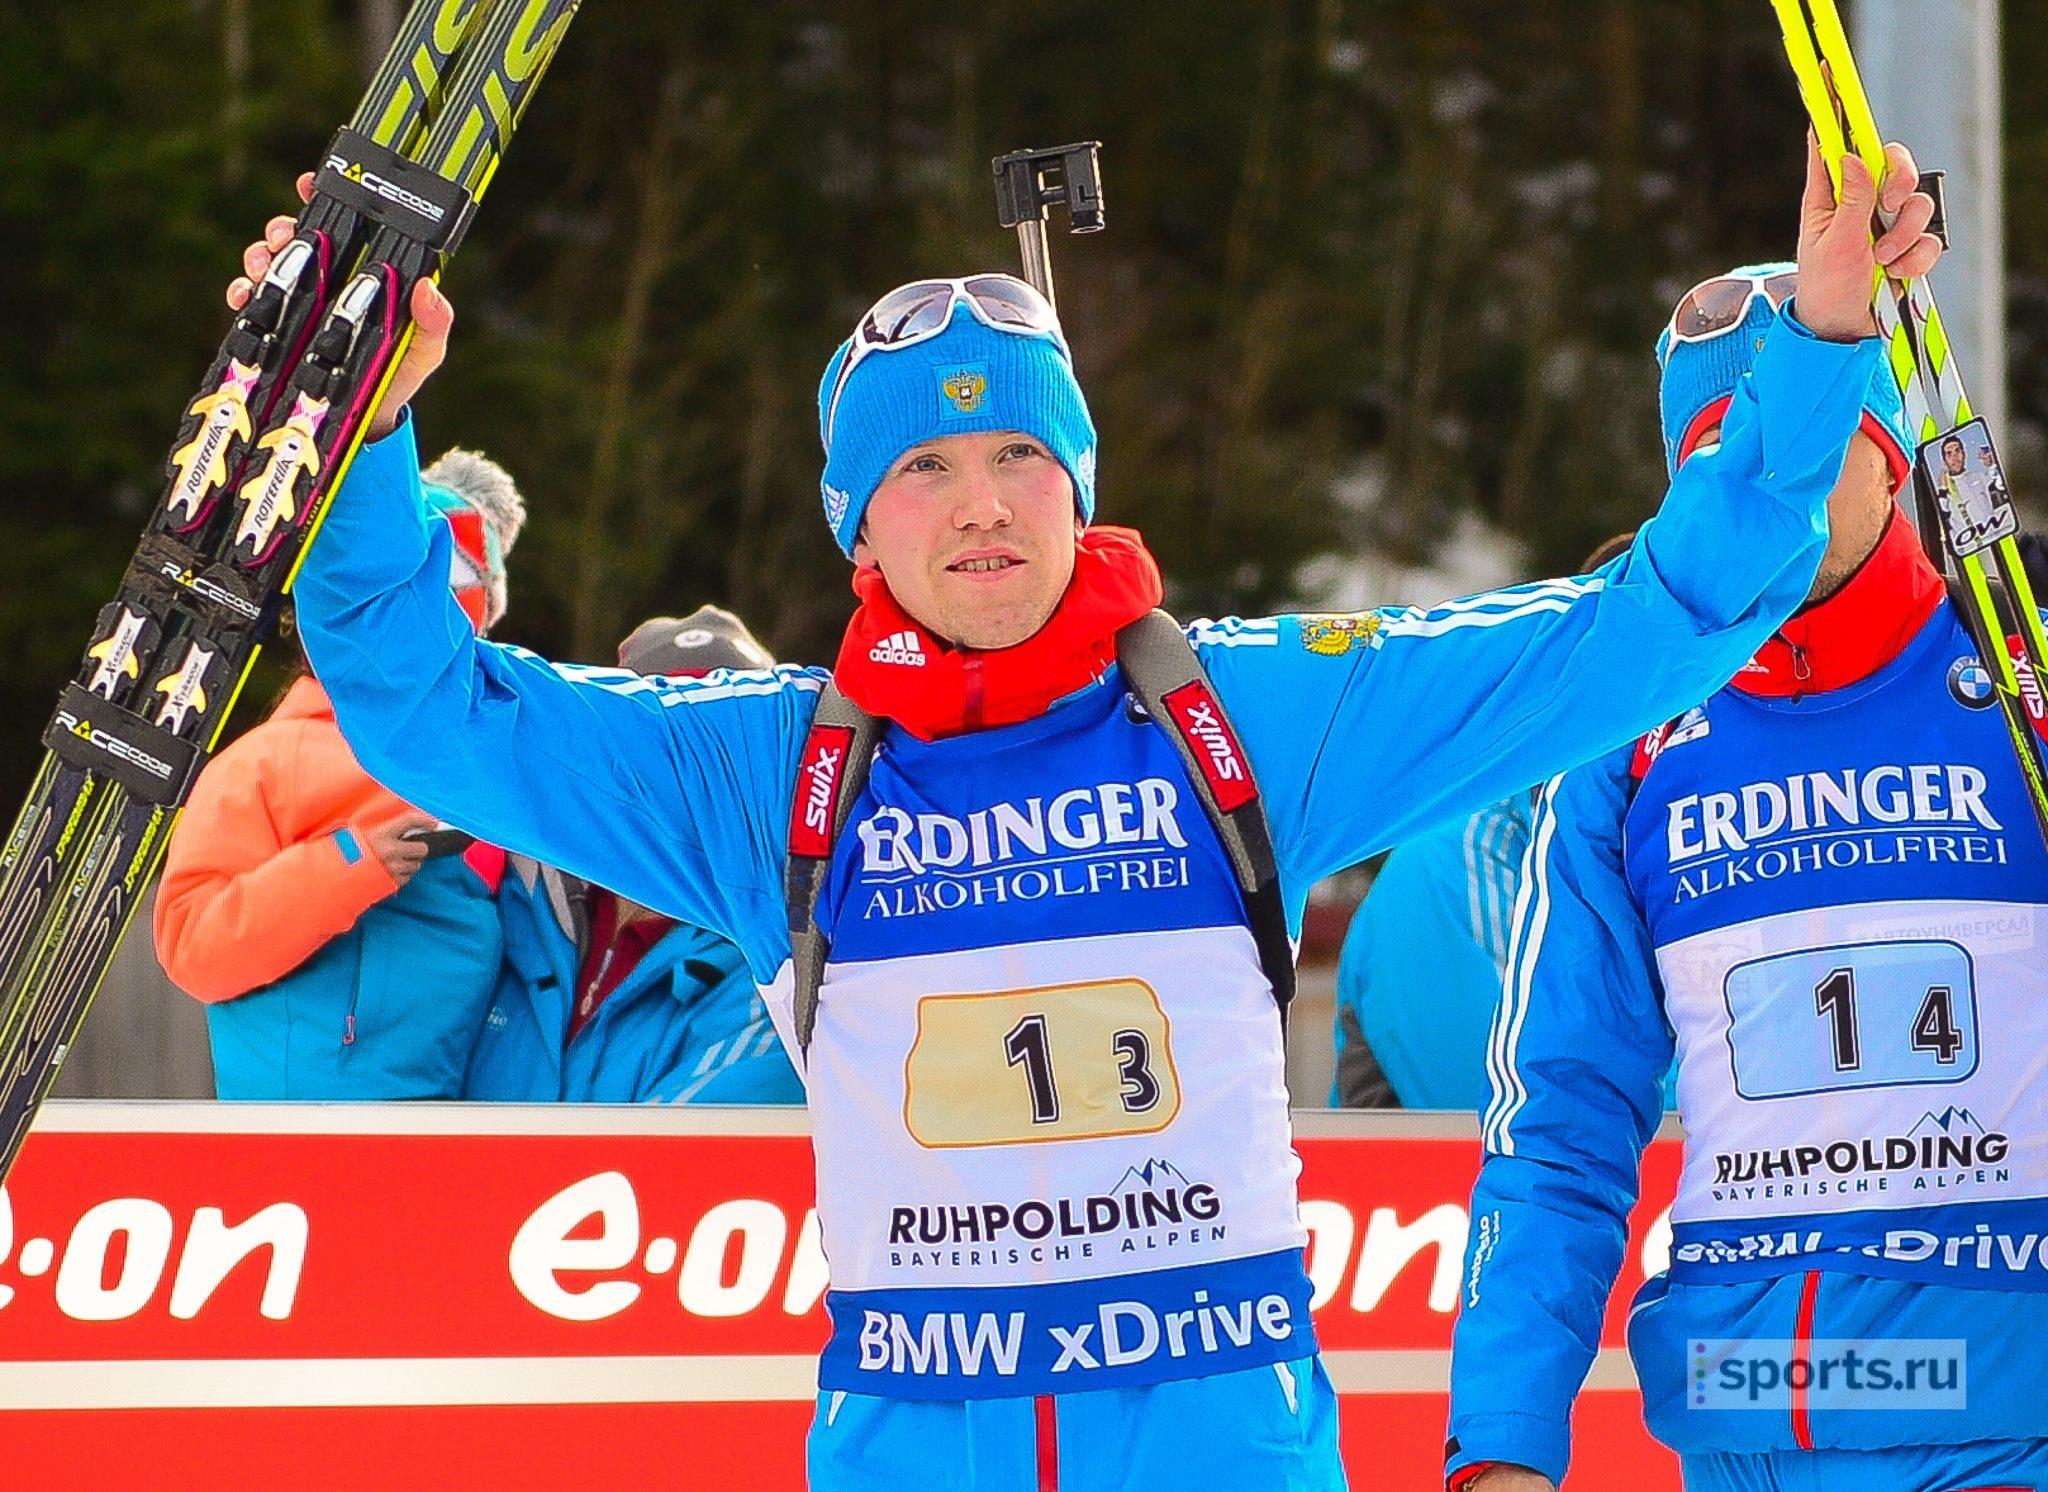 Руслан Ткаленко— третий вспринте наседьмом этапе Кубка IBU